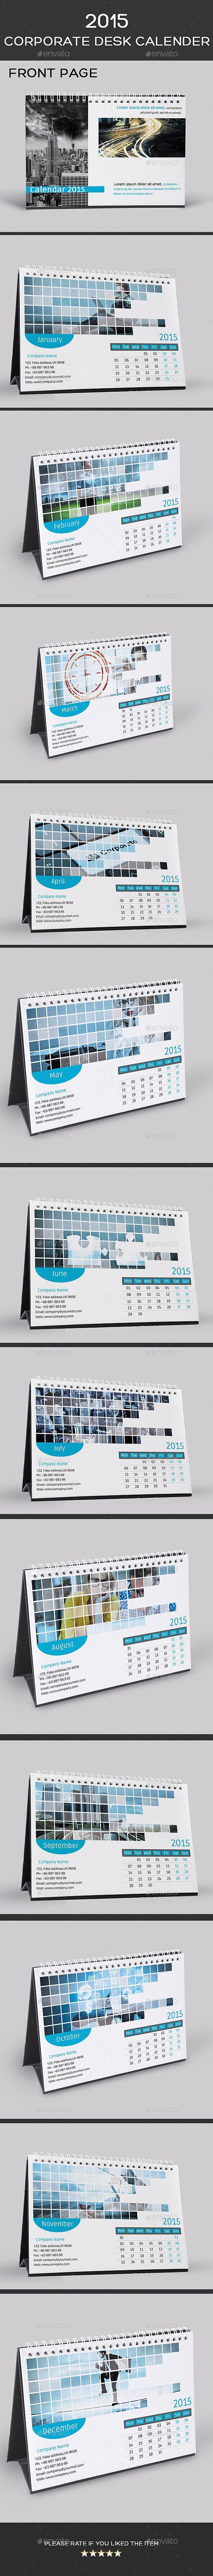 2015 Corporate Desk Calendar Template ( PSD )